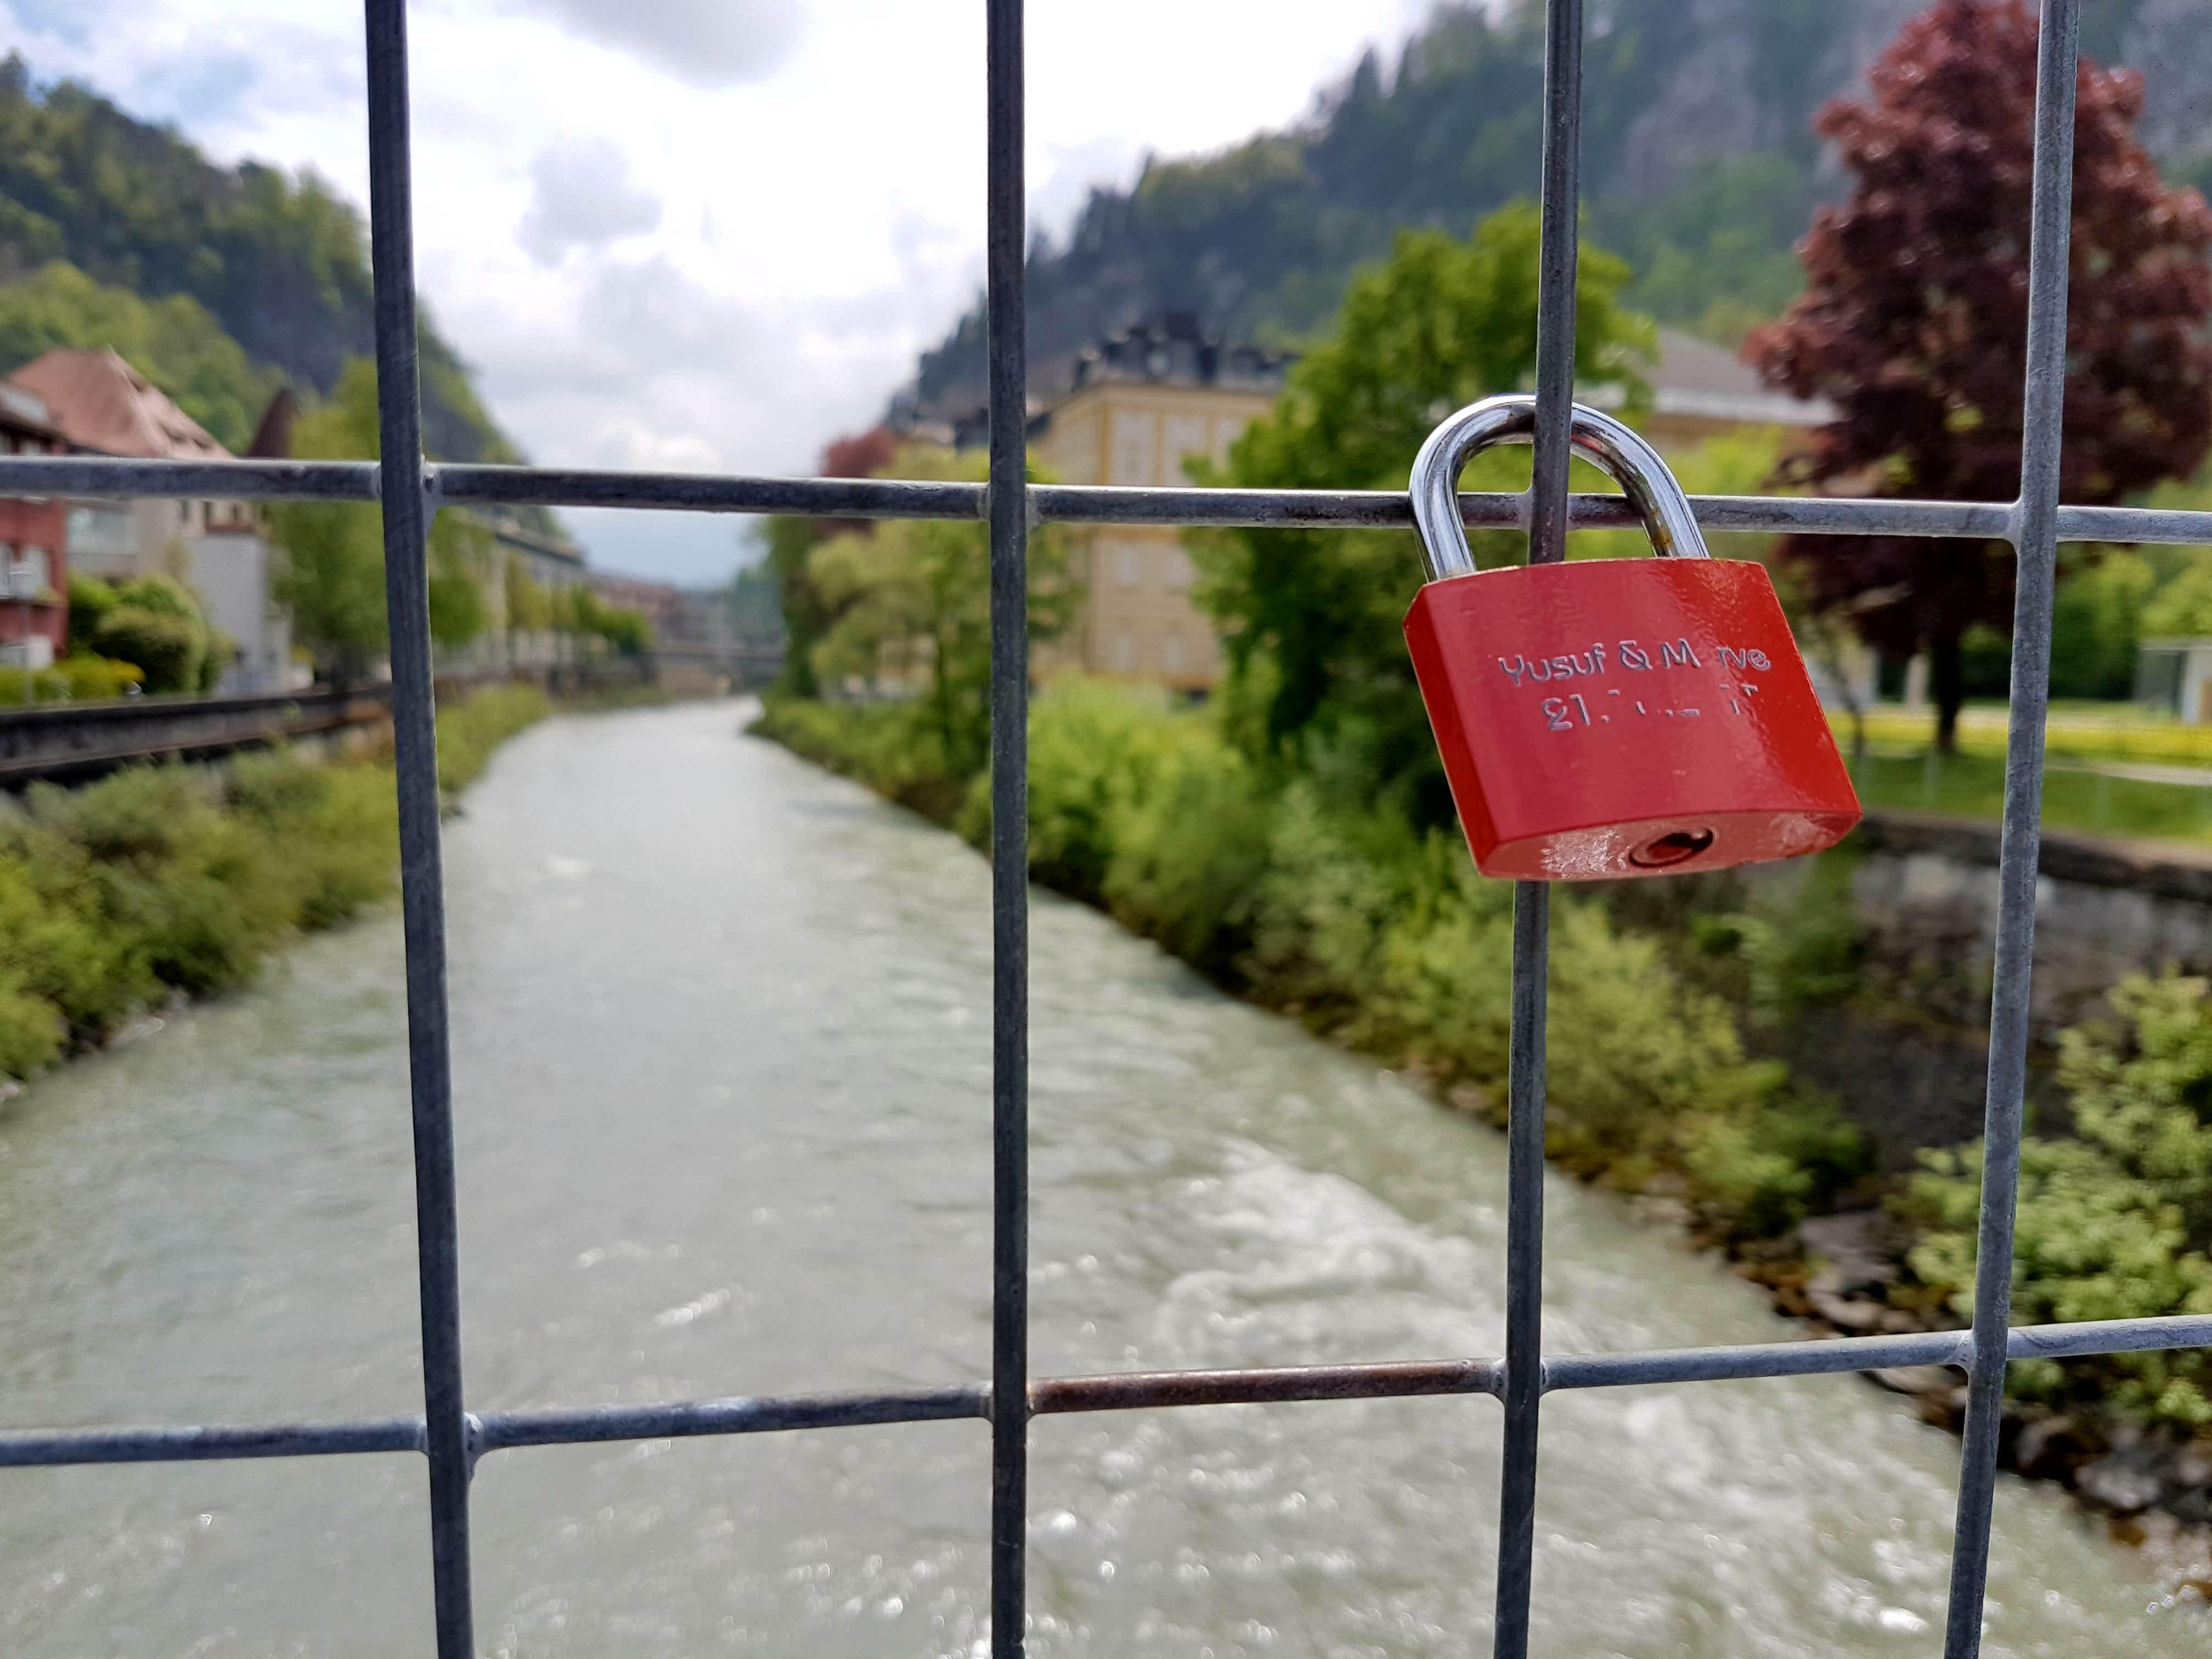 In Feldkirch nur ein kurzweiliger Genuss: Die Liebesschlösser am Illsteg werden regelmäßig entfernt.